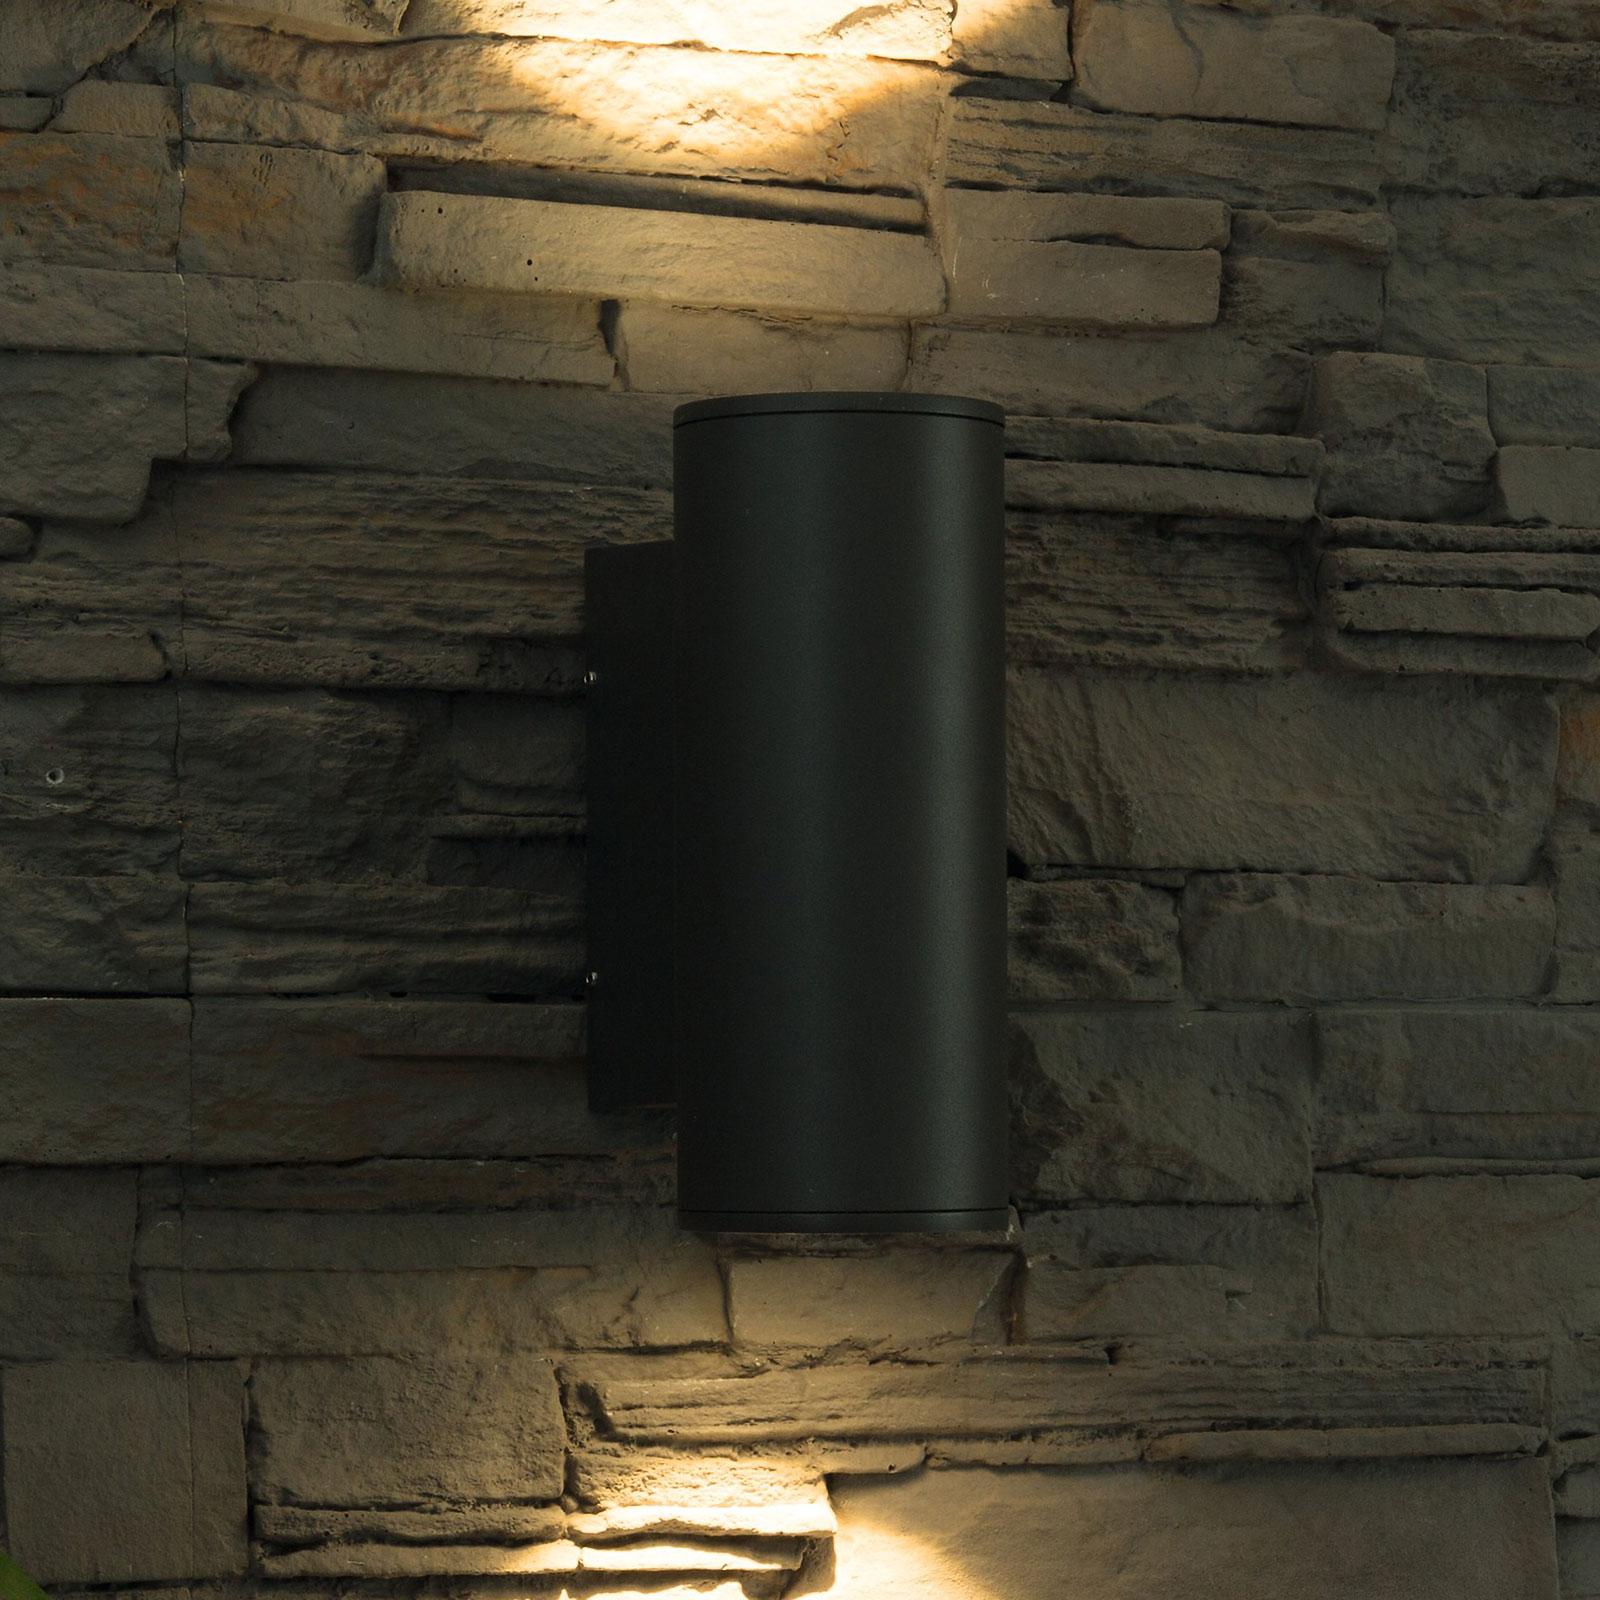 LED-ulkoseinävalaisin Doble pyöreä ylä- ja alavalo